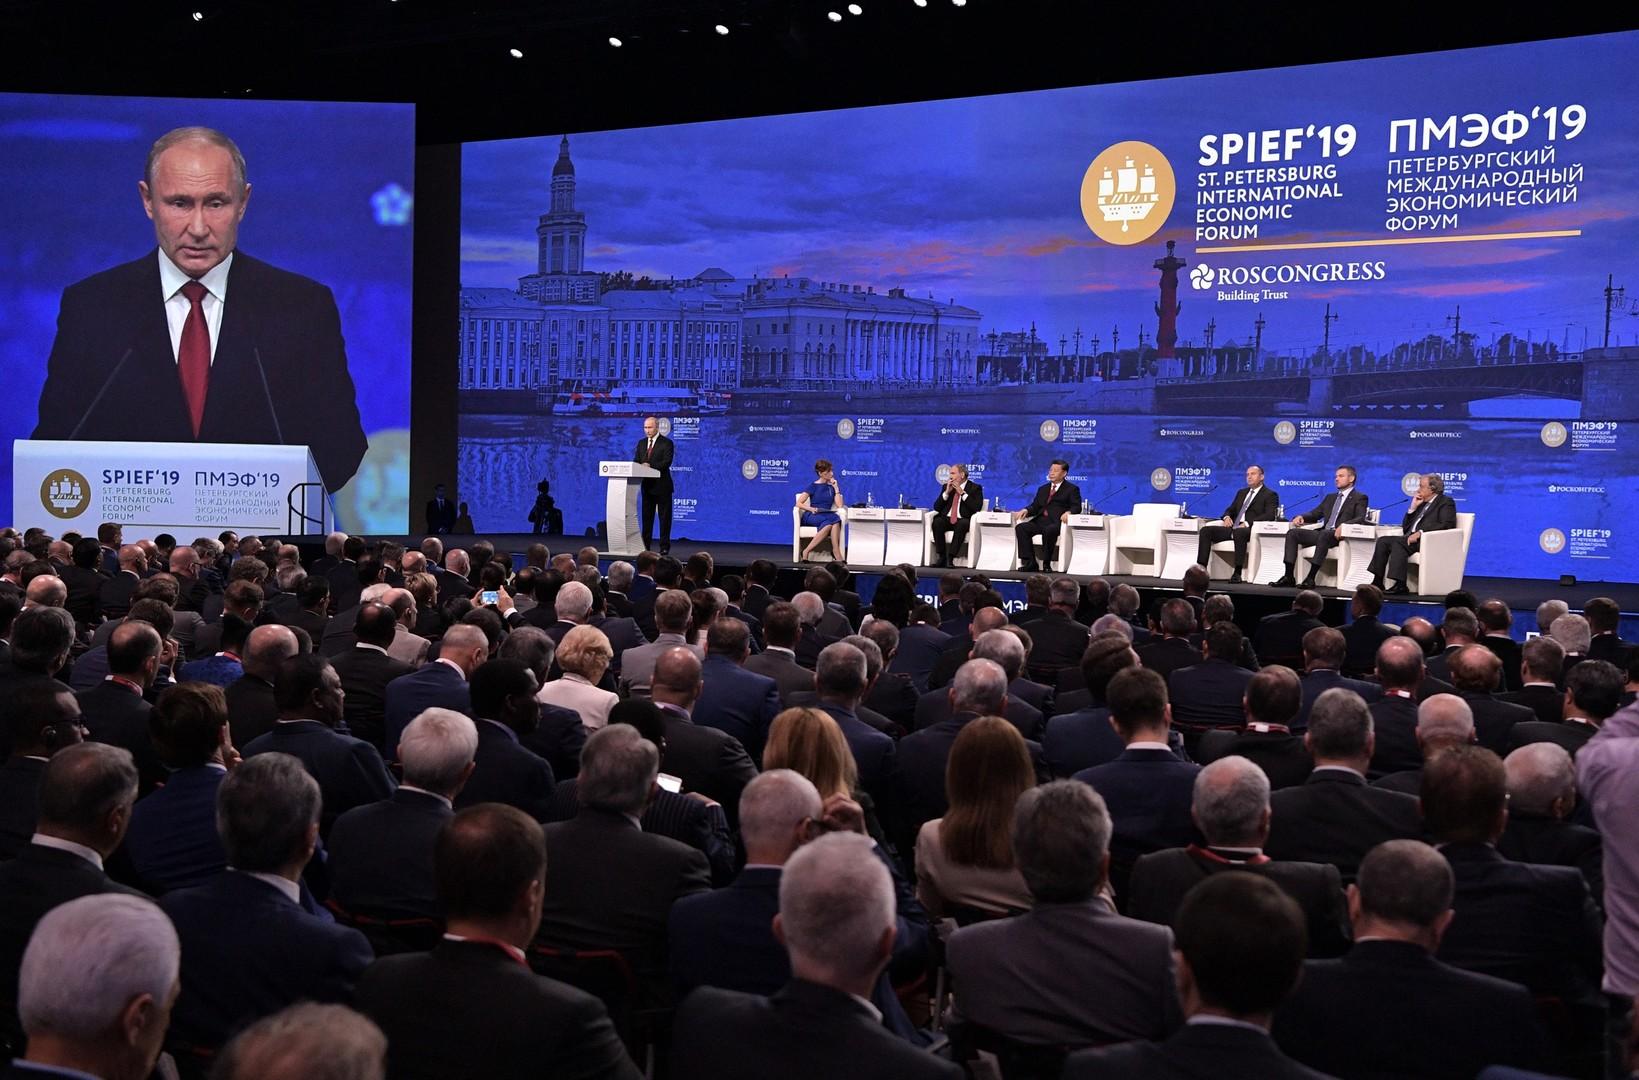 بوتين يقترح تأسيس بنك مفتوح لمشاريع التنمية الرائدة في العالم